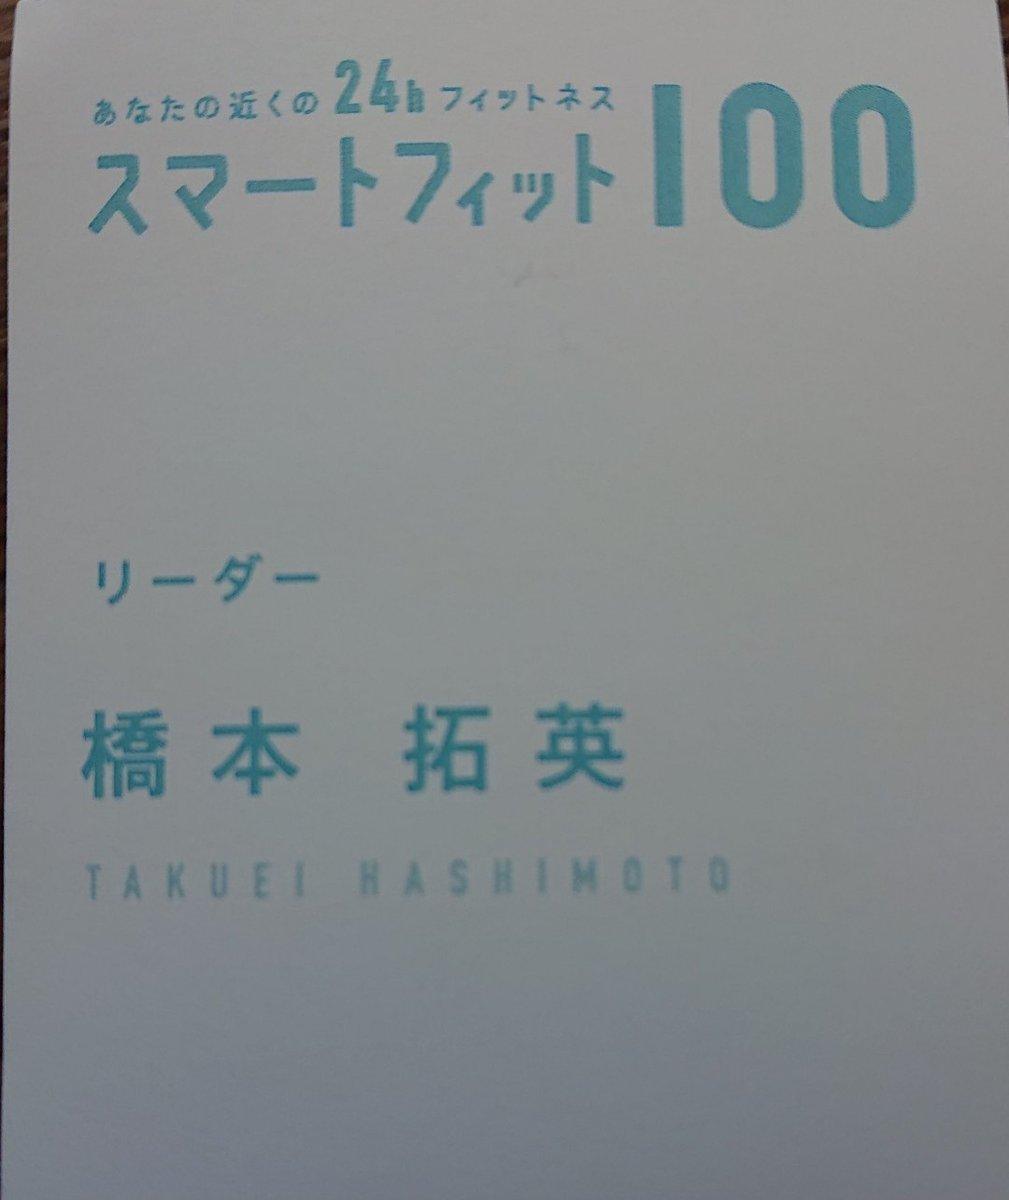 100 リアルタイム ツイッター 保存